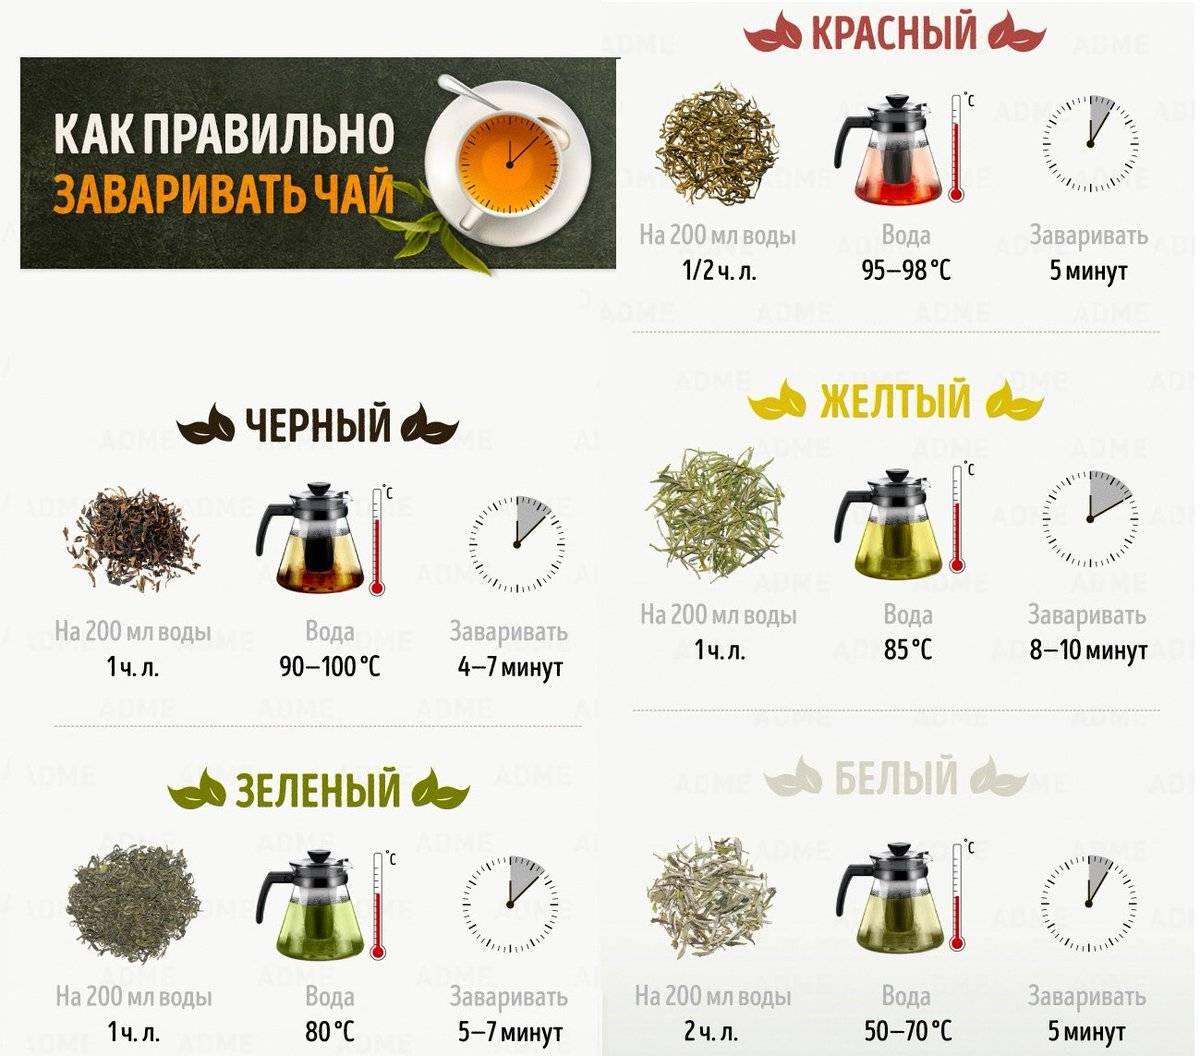 Пуэр: как заваривать этот чай, особенности и секреты